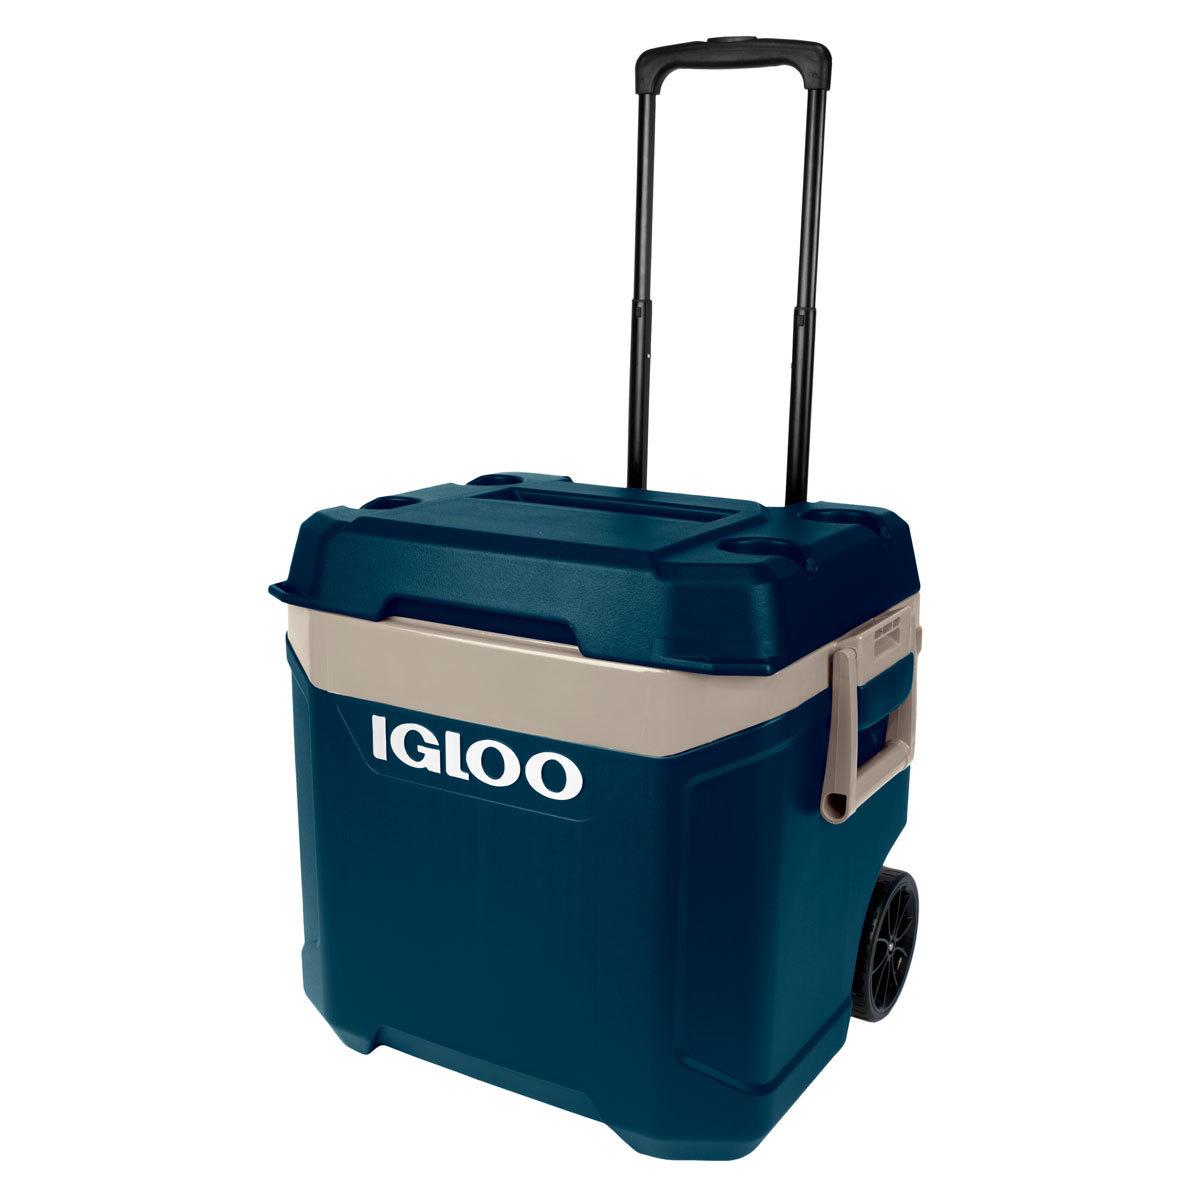 Igloo Maxcold 58 Litre (62 US QT) Cool Box £46.99 delivered @ Costco